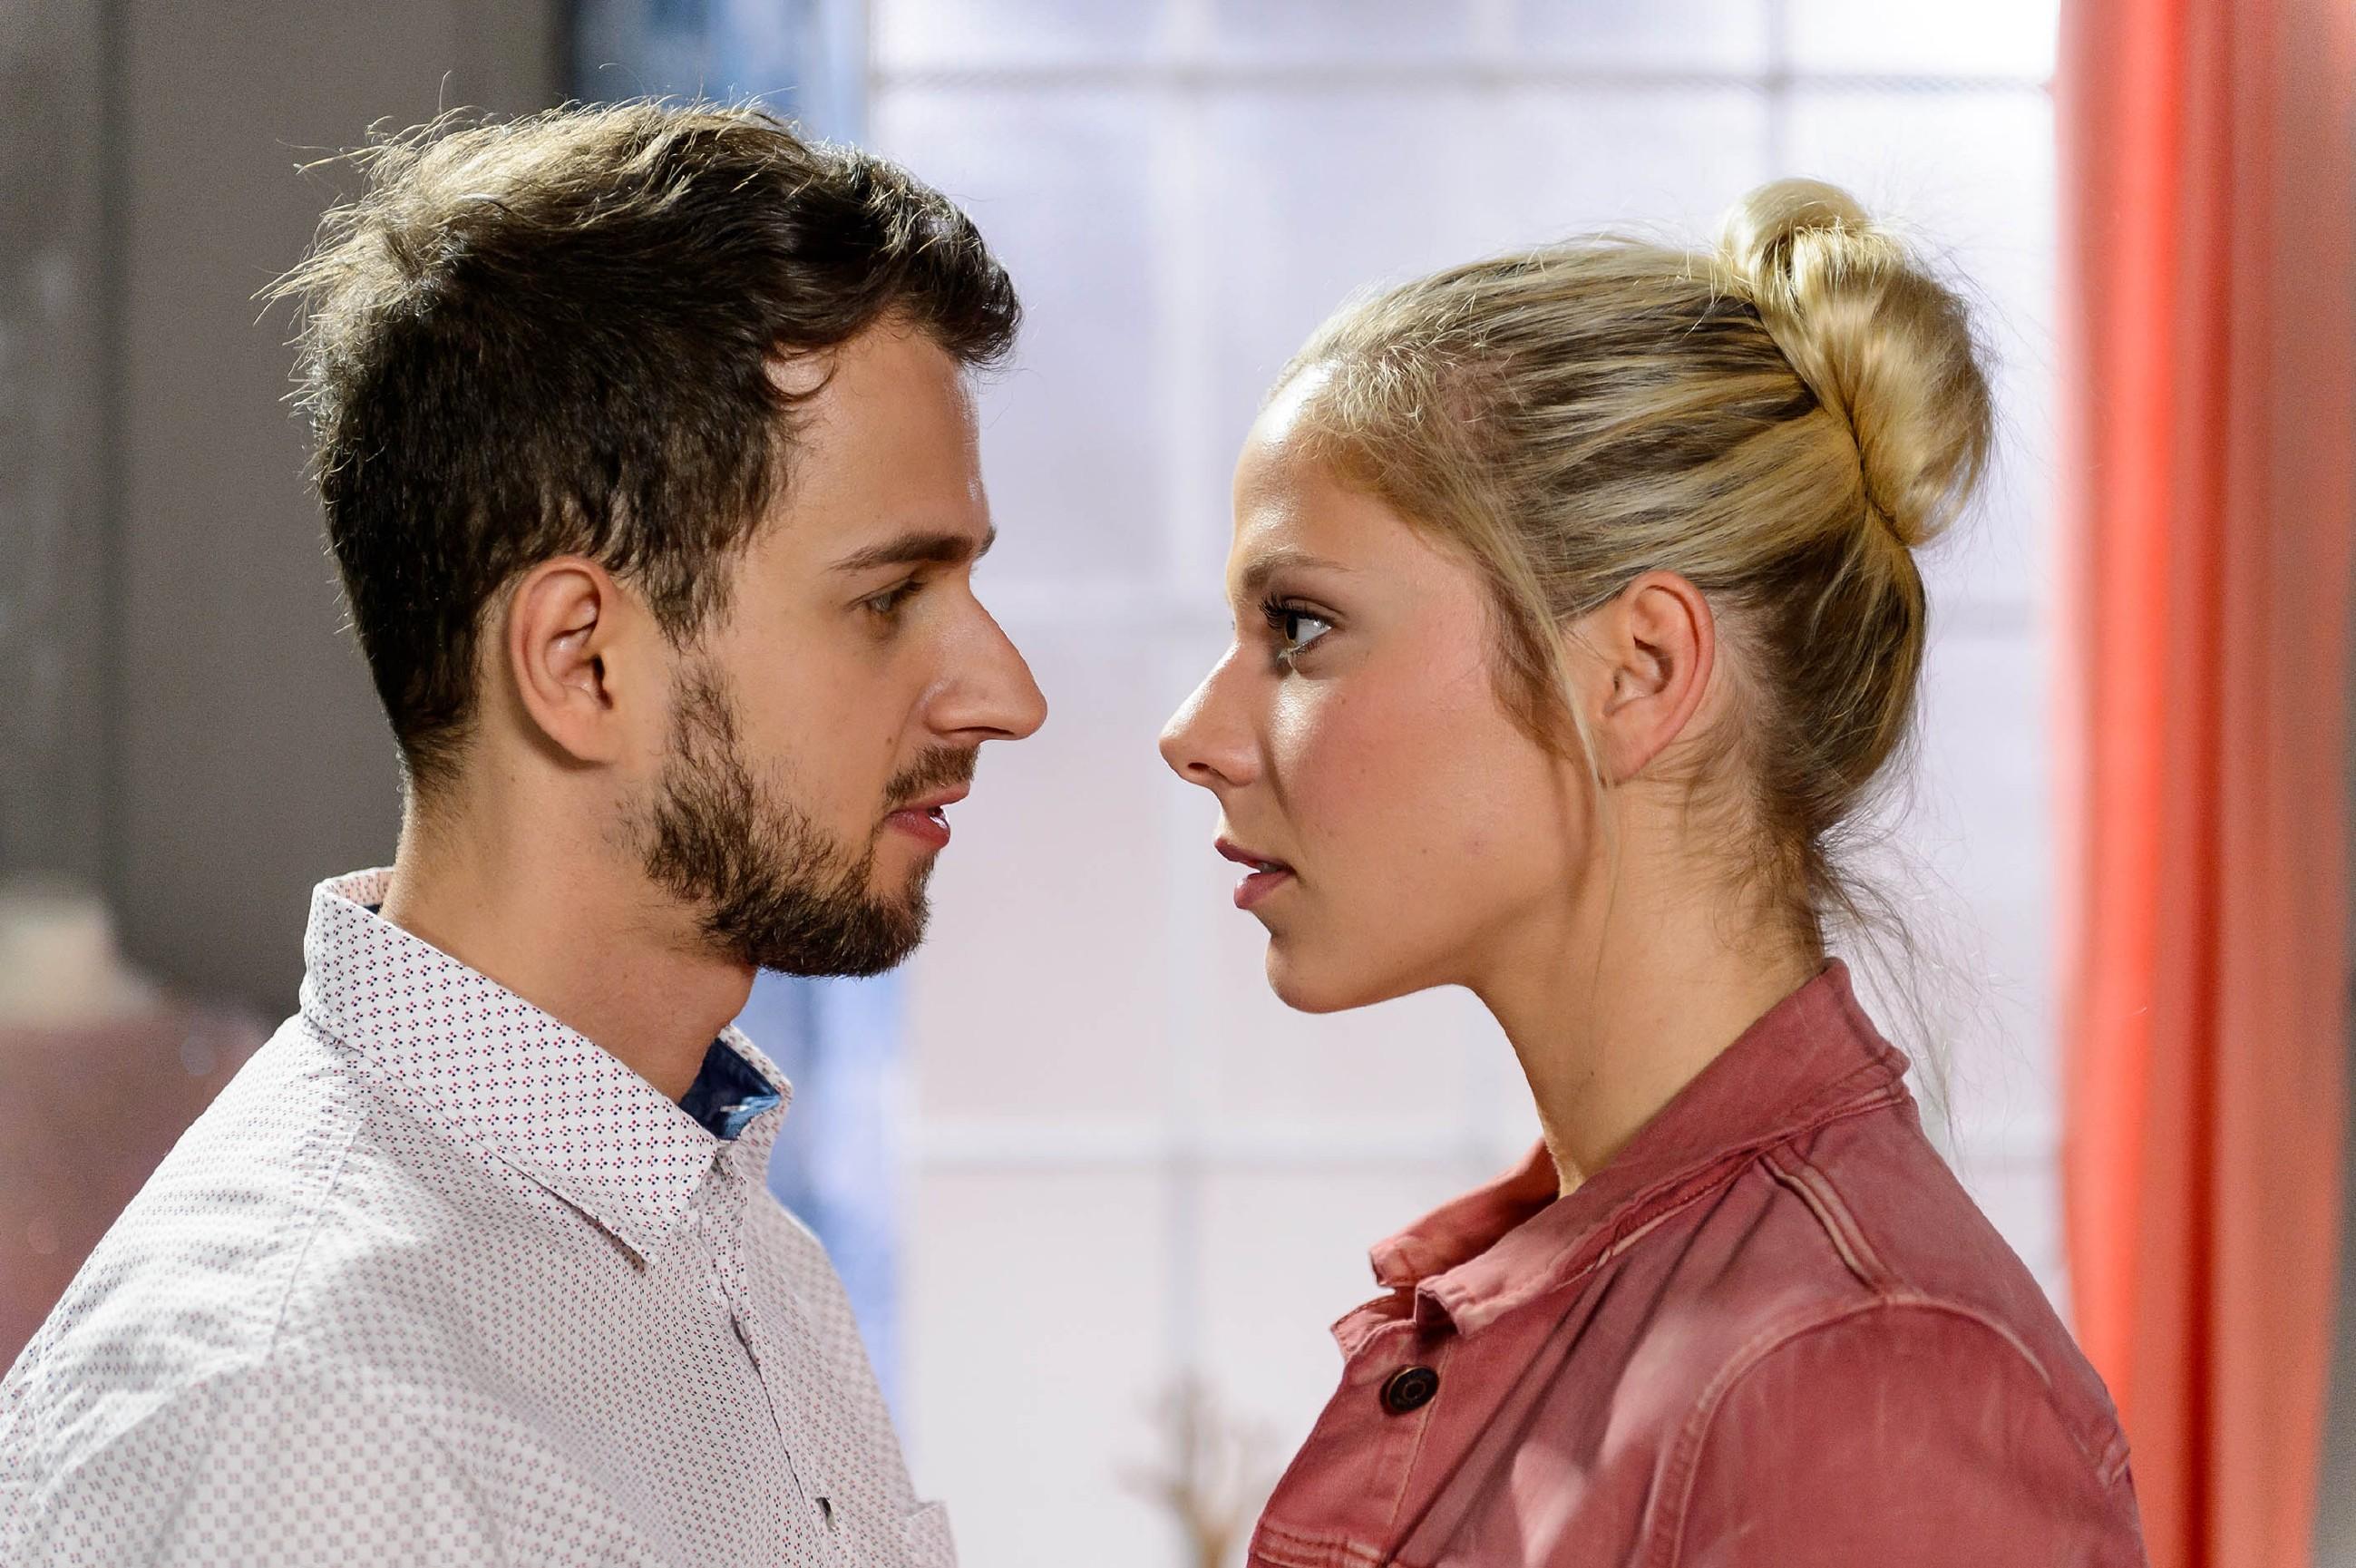 Die Gefühle zwischen Marie (Cheyenne Pahde) und Tobi (Michael Jassin) kommen für einen Moment durch, doch dann bricht Tobi den sich anbahnenden Kuss ab... (Quelle: RTL / Willi Weber)